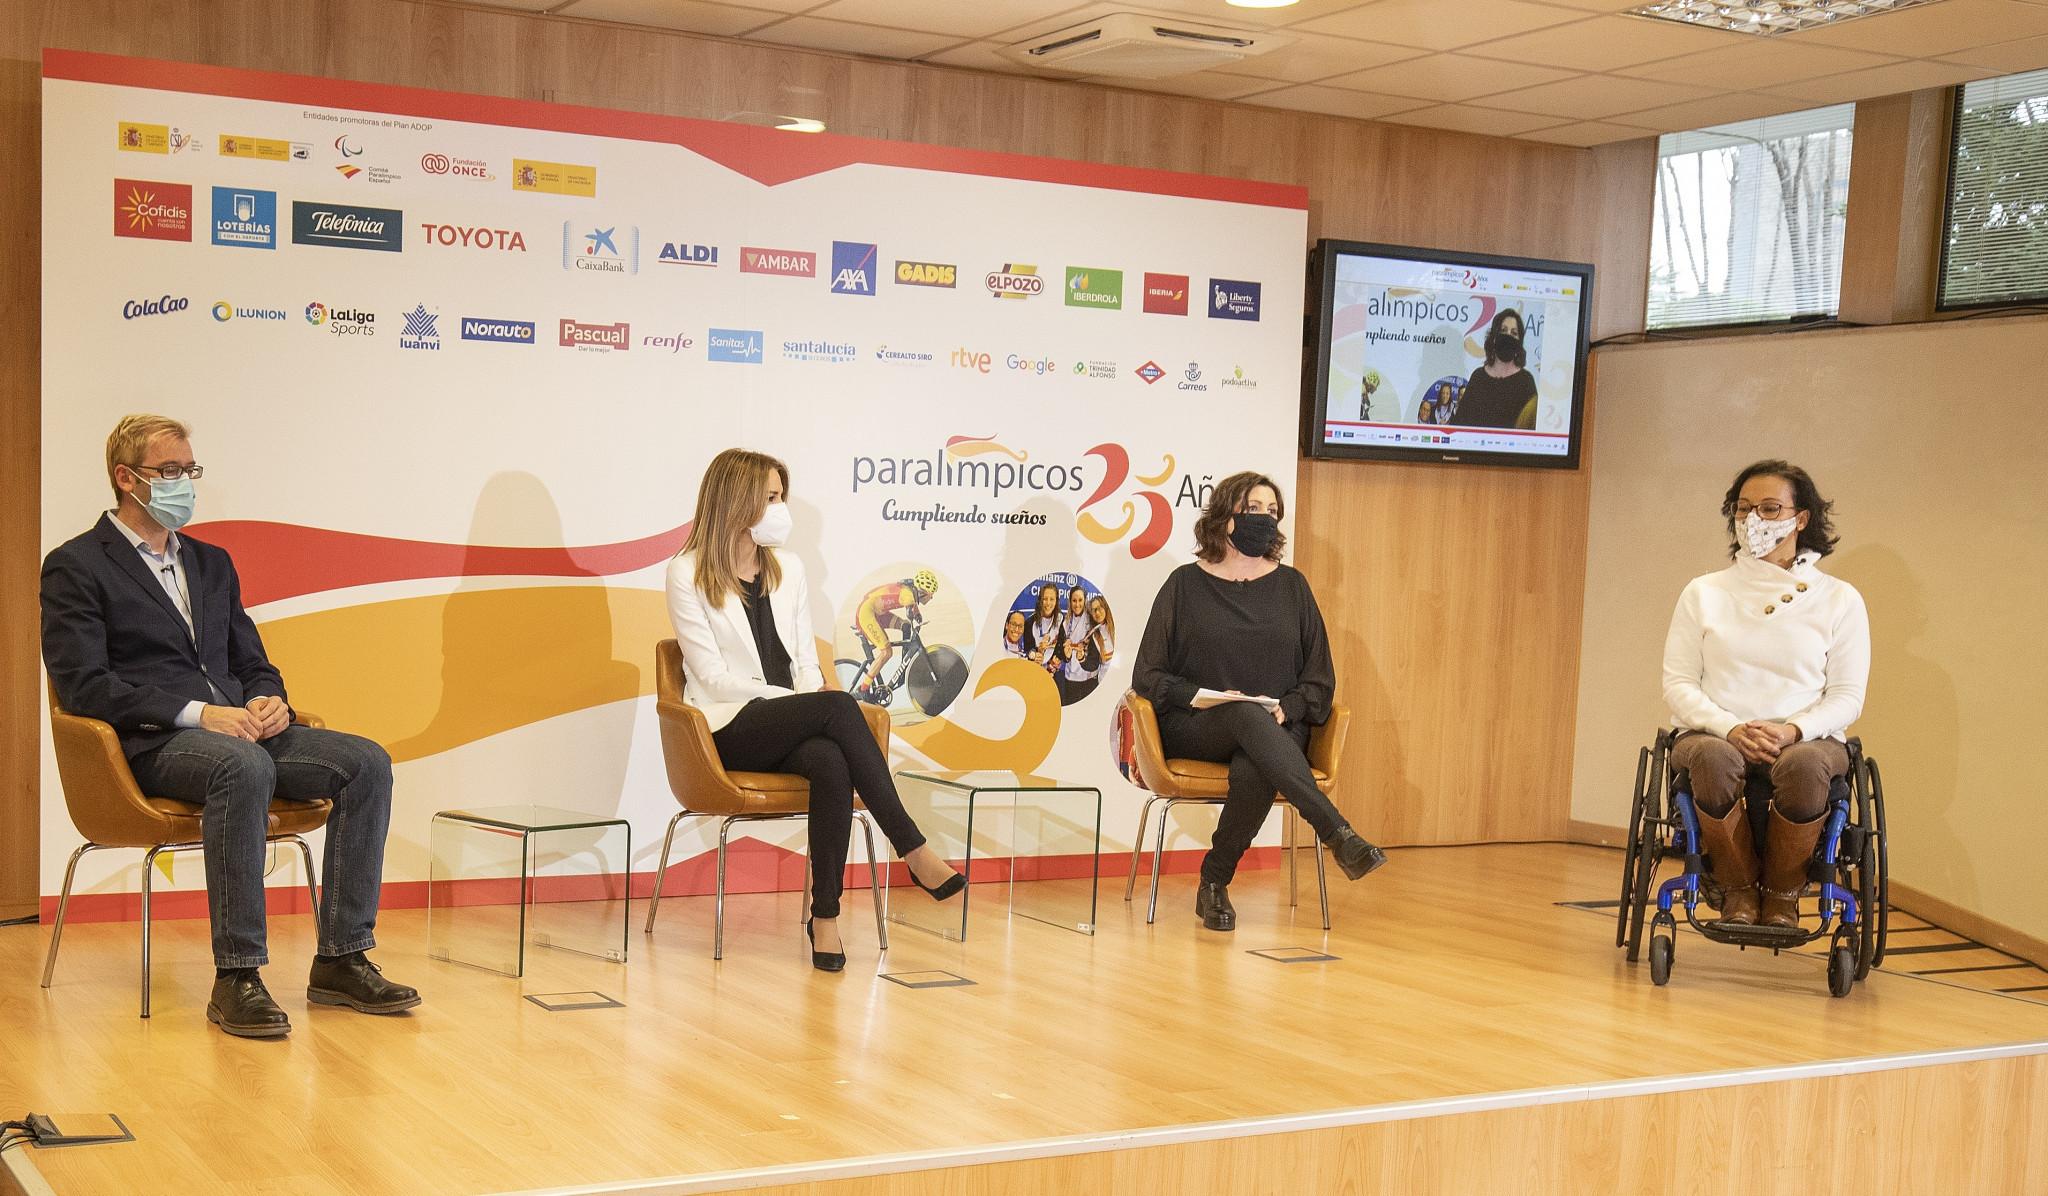 Atletas paralímpicos y miembros del Comité Paralímpico Español hablan de los últimos 25 años © CPE